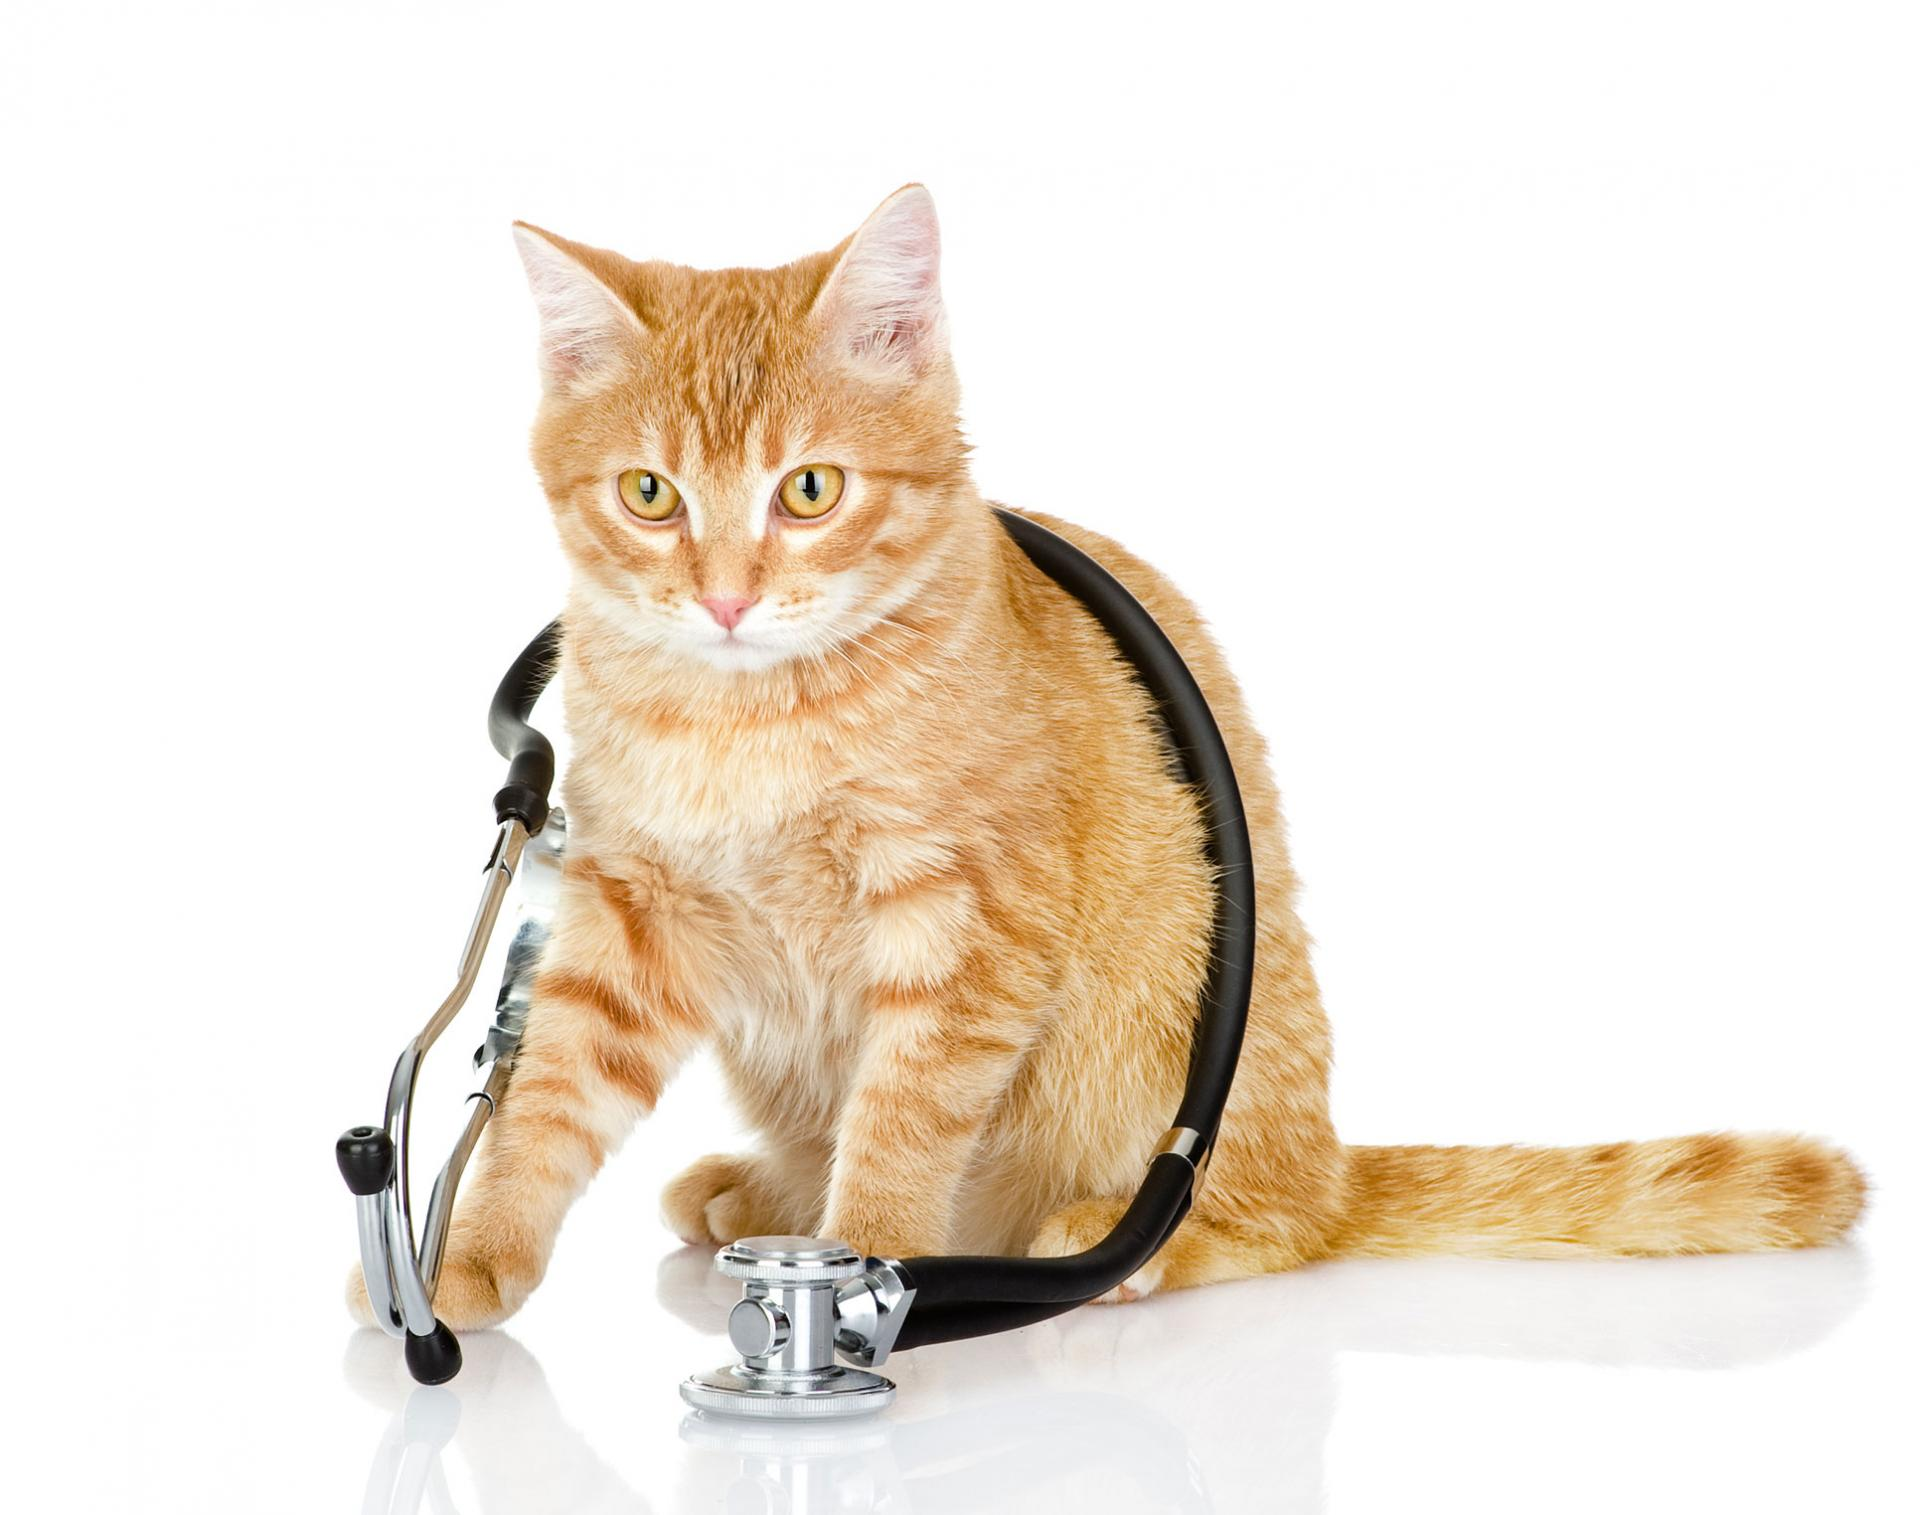 Кошка просит кота: признаки половой охоты и решение проблемы